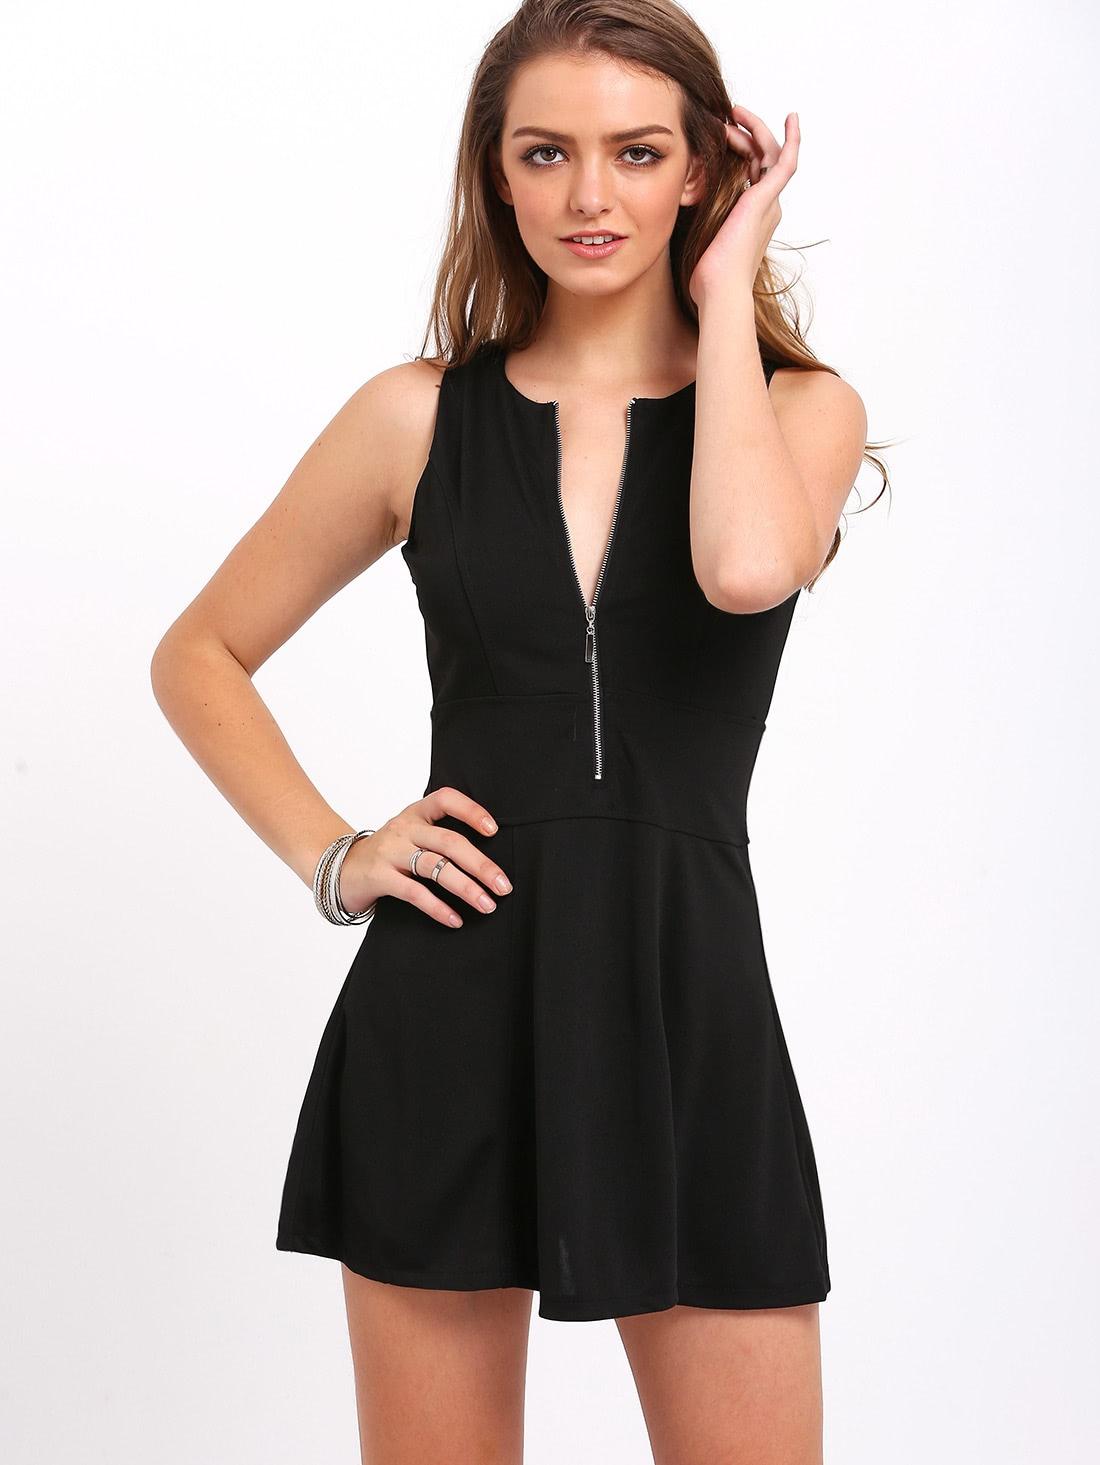 Womens Fashion Black Clothes